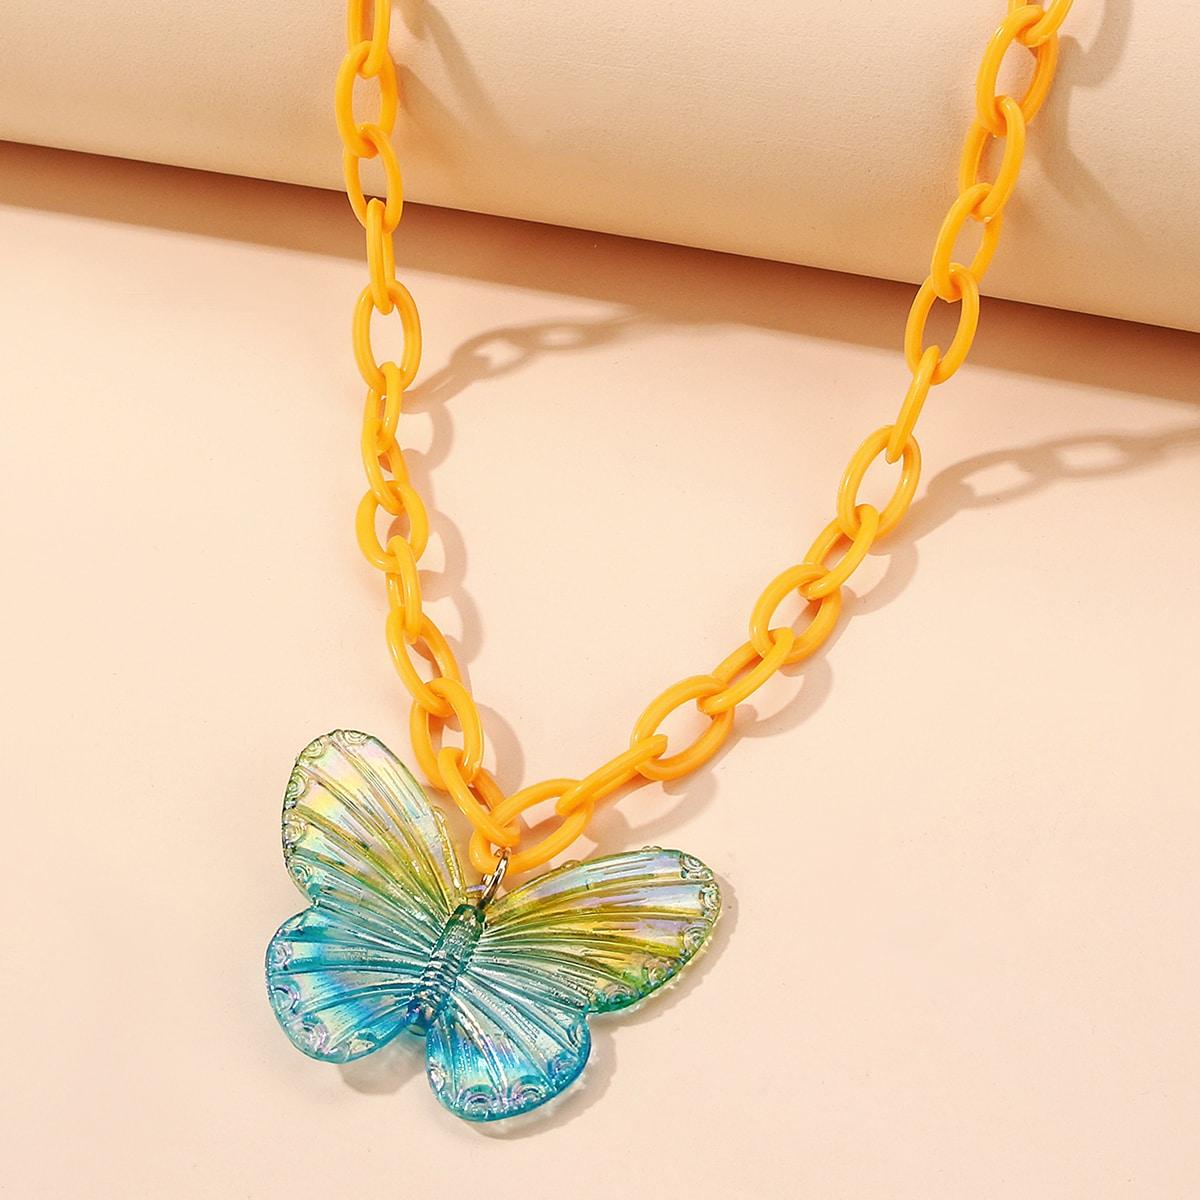 SHEIN / Mädchen Halskette mit Schmetterling Dekor und Kette